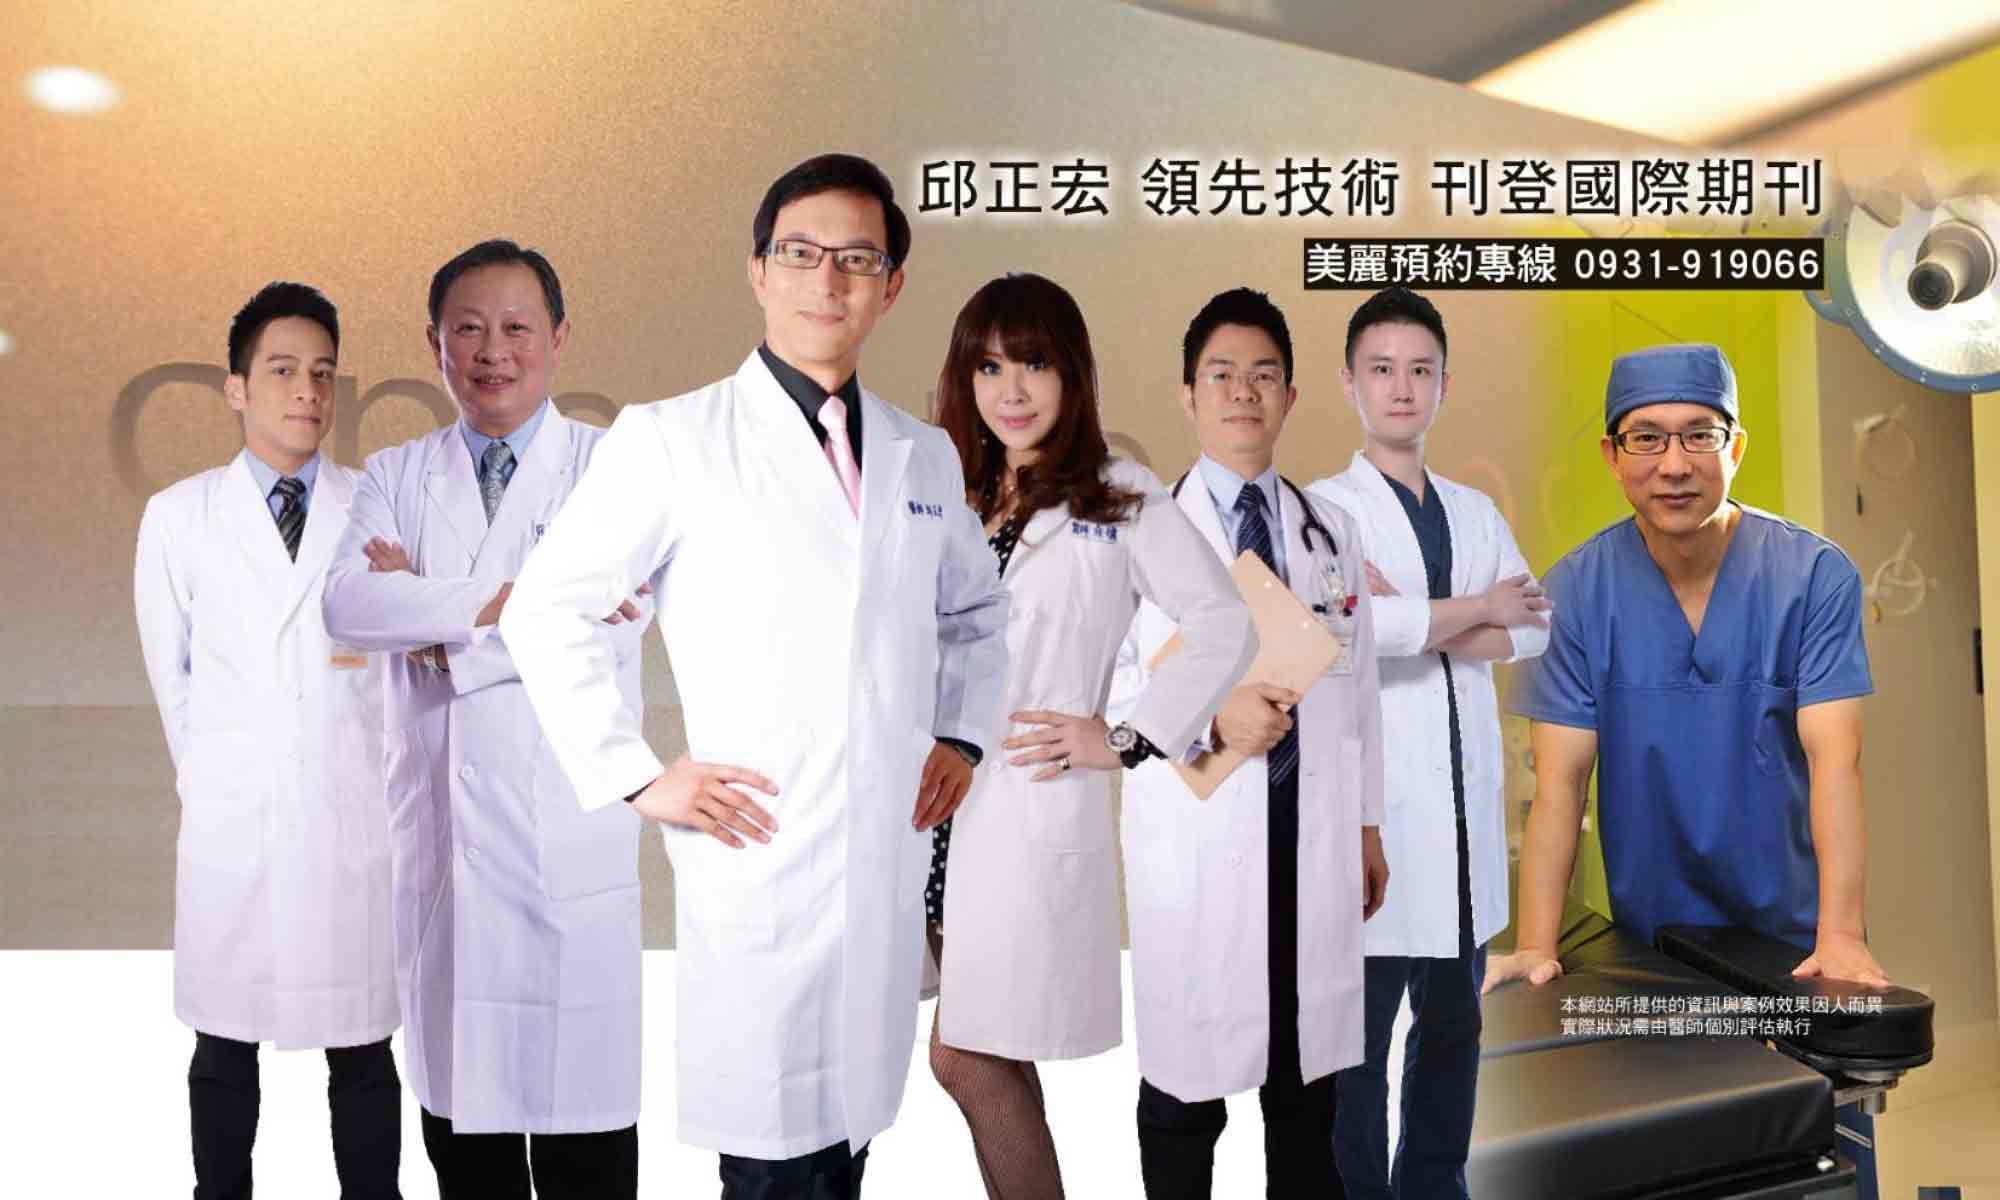 瘦手臂專家邱正宏醫師連續六年醫學論文榮獲美國、英國及國際性醫學期刊刊登